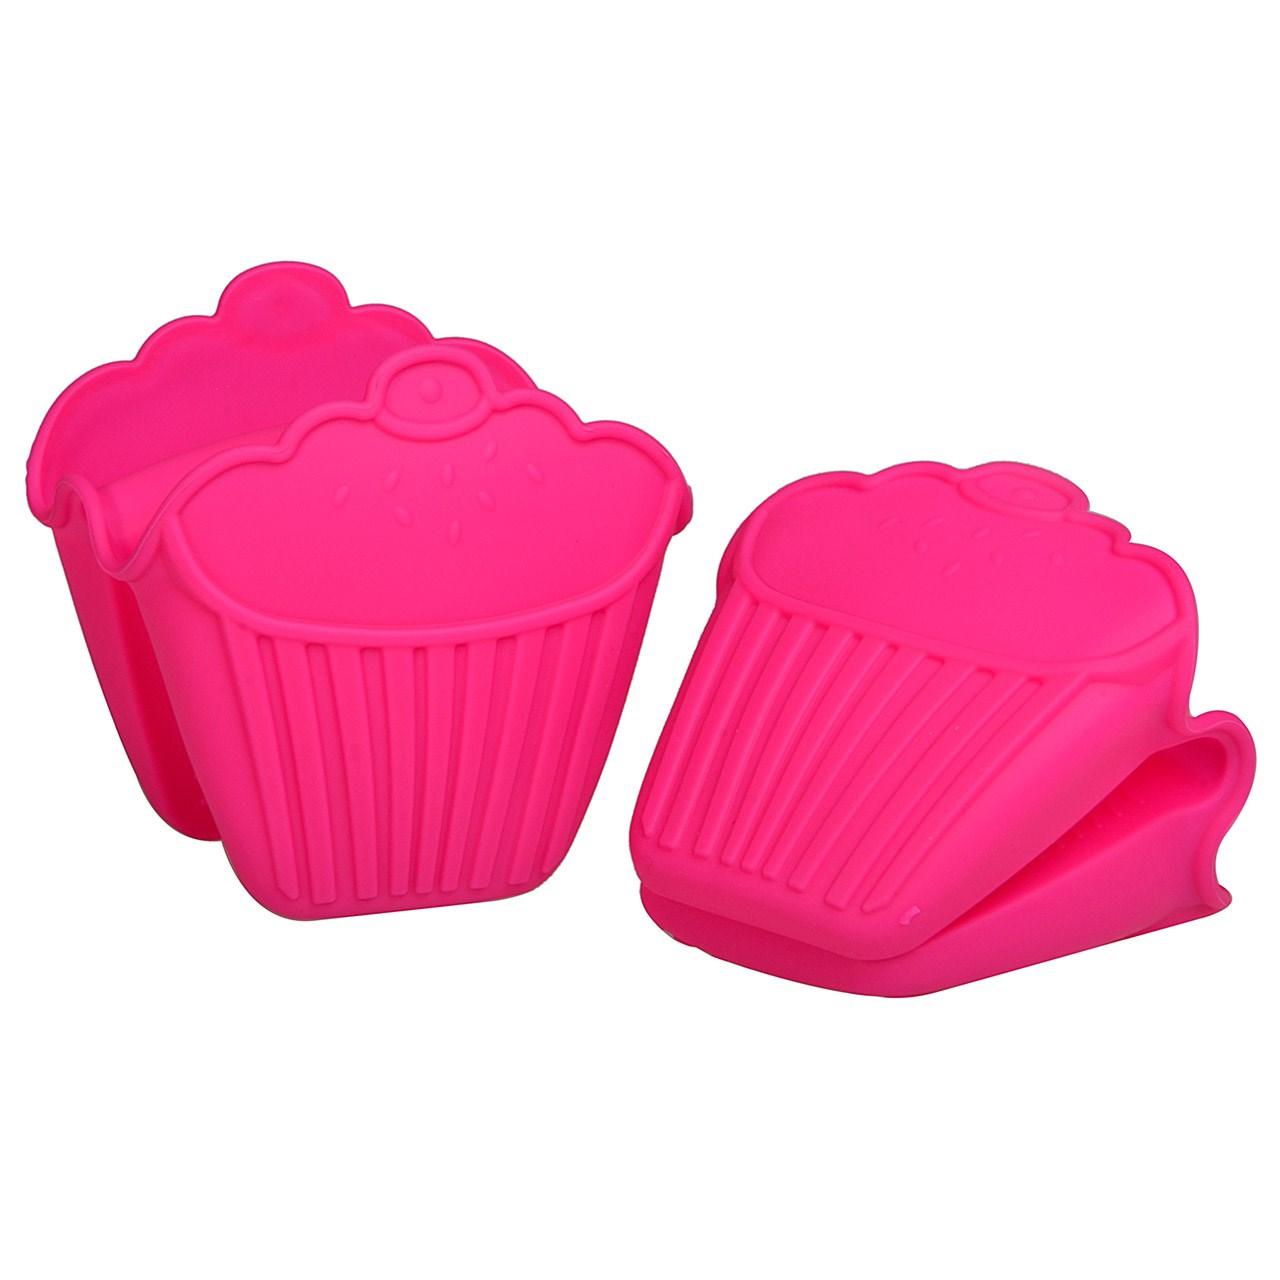 دستگیره آشپزخانه رجینال مدل Cup Cake - بسته 2 عددی